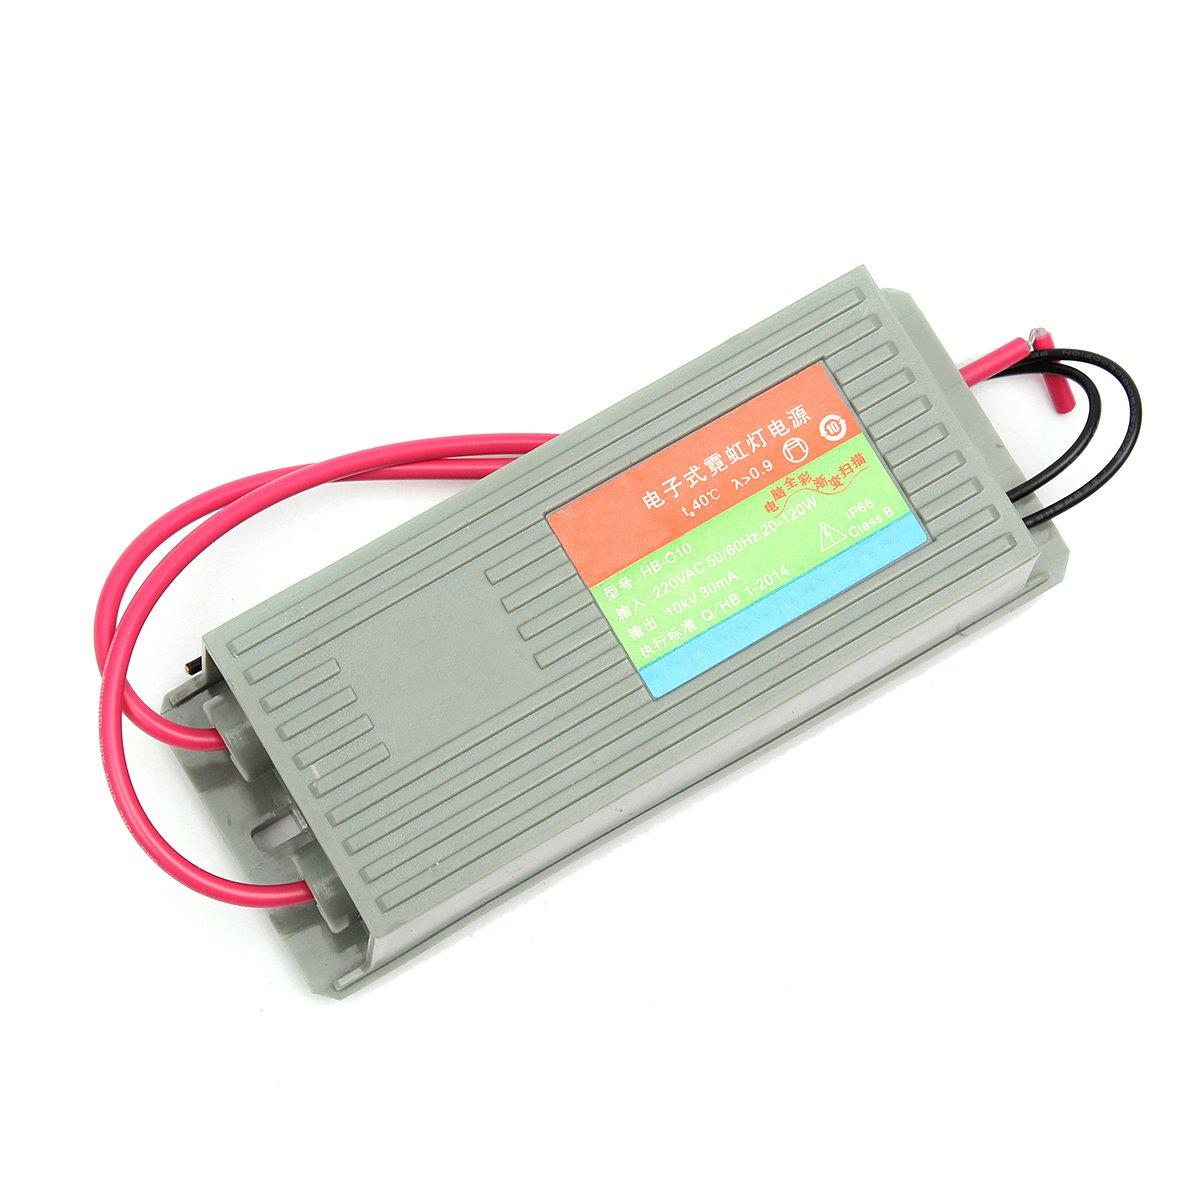 JINHUGU Neon-Elektroniktrafo 10KV 30MA HB-C10 Neon-Stromversorgung Gleichrichter-Treiber LED-Licht